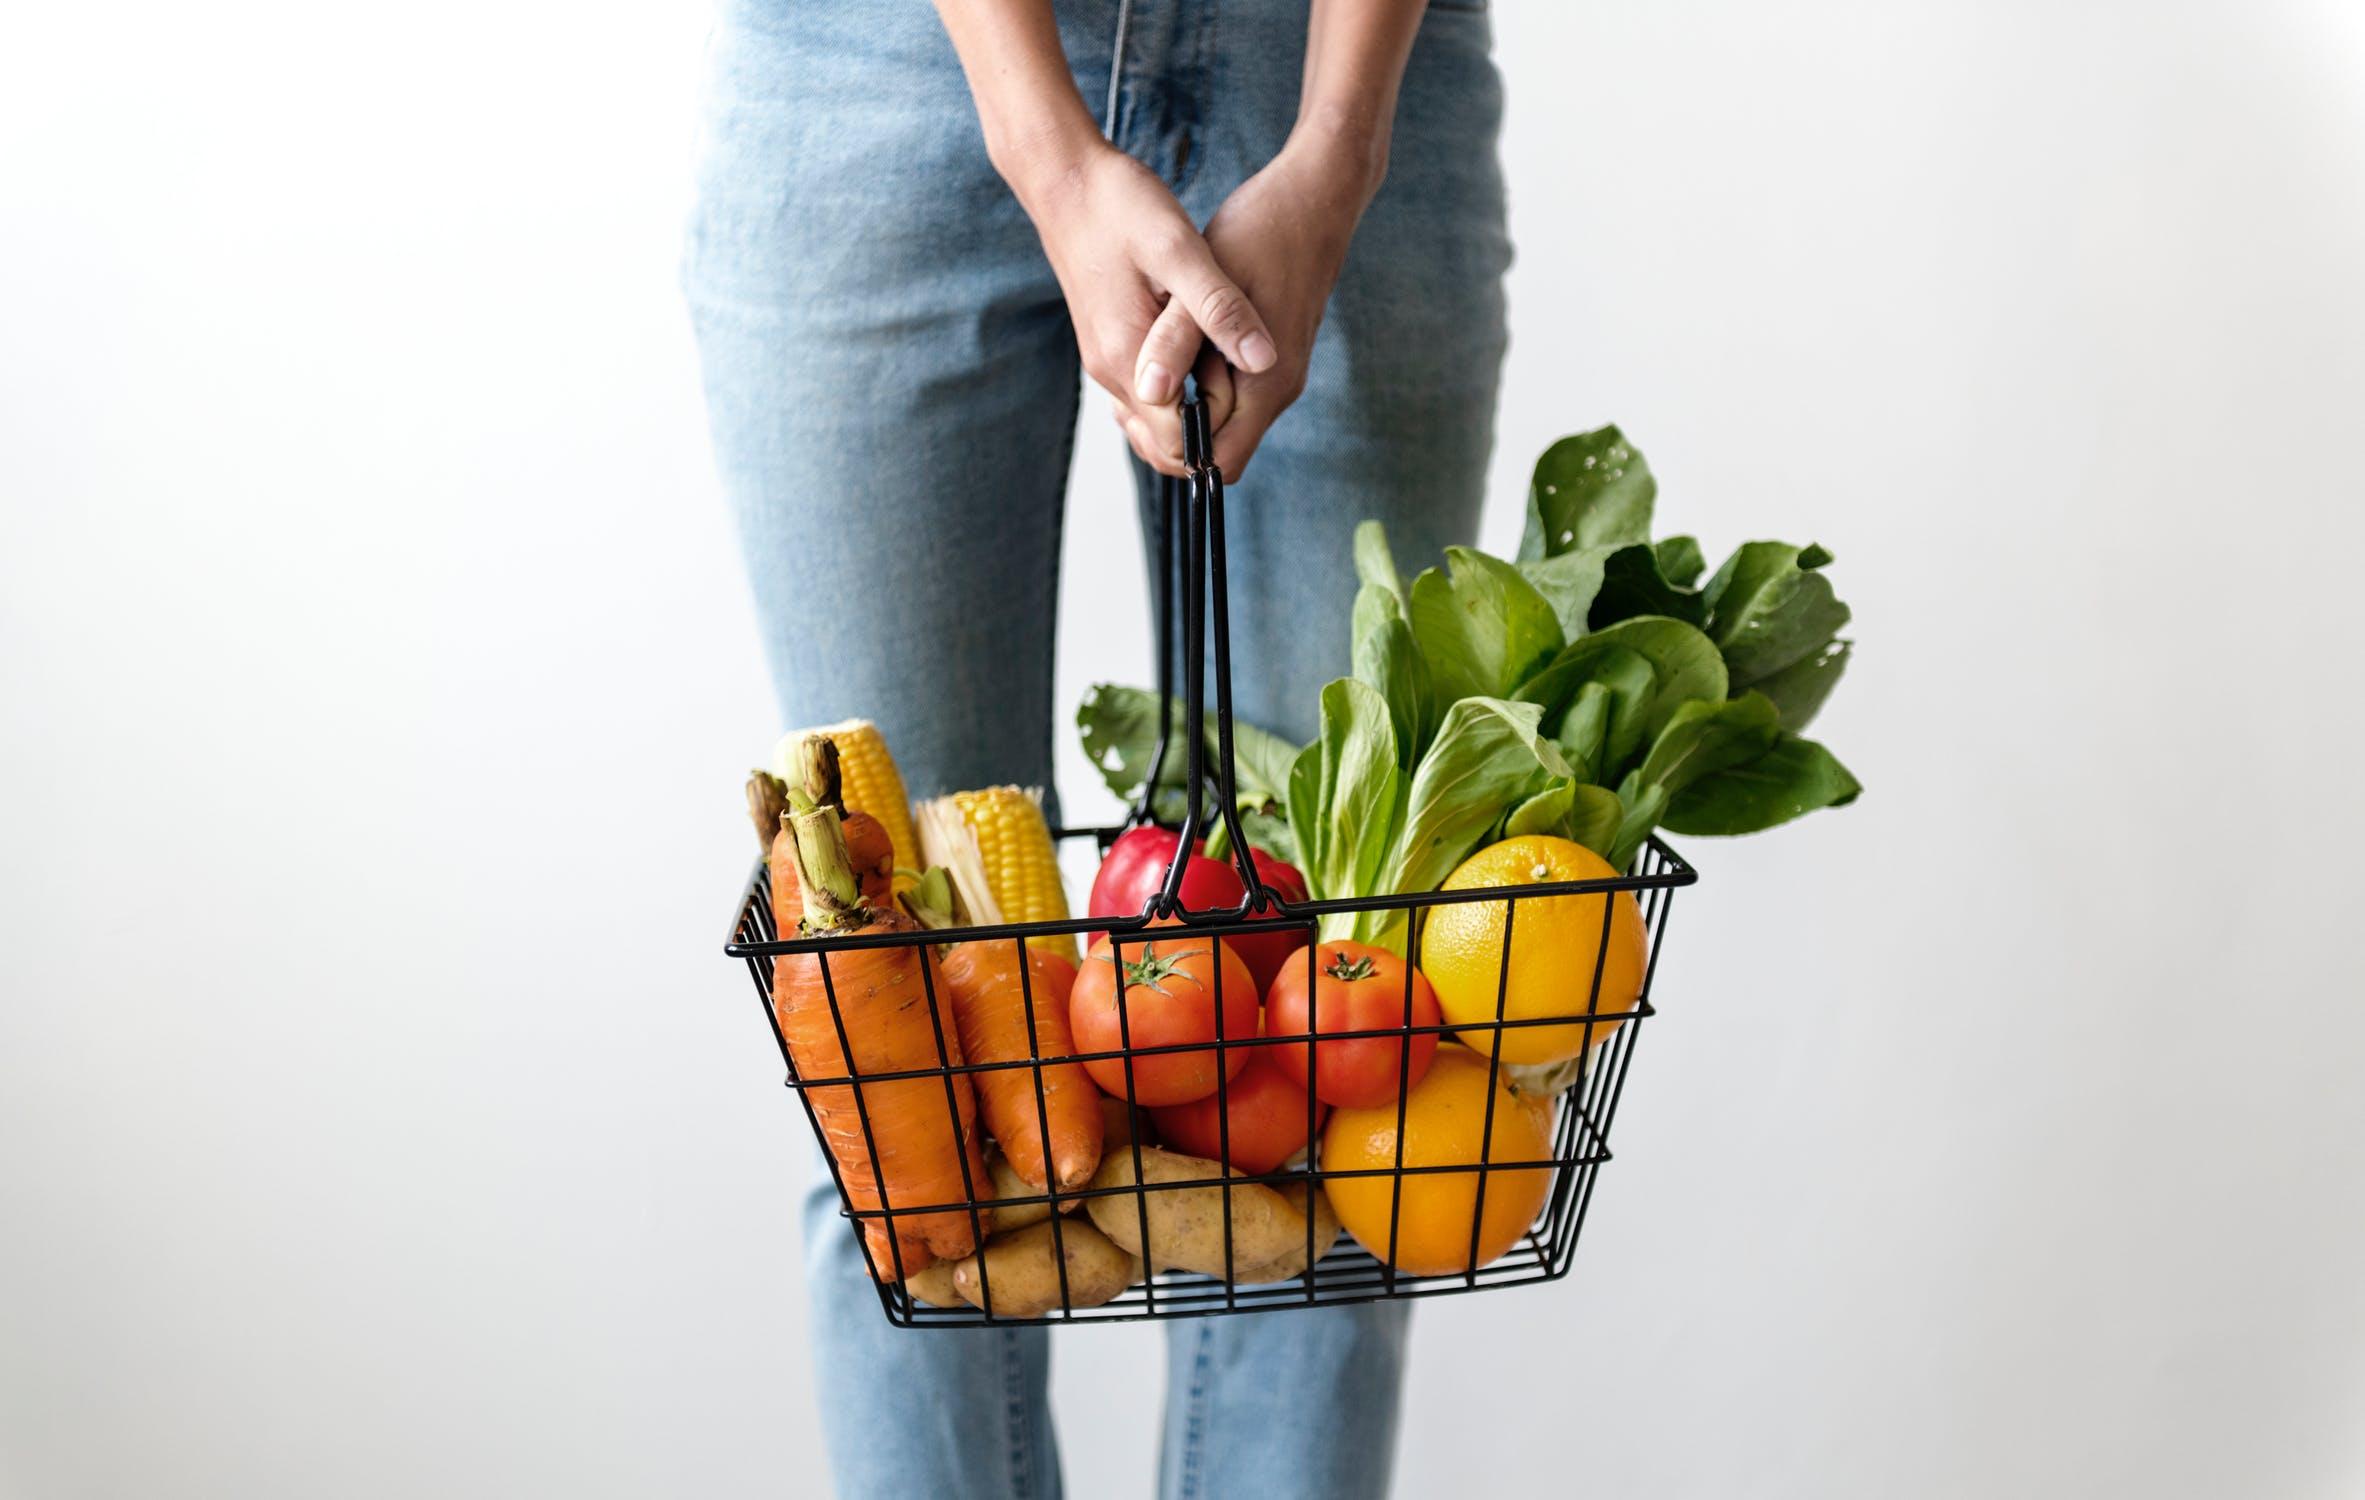 manger des fruits et légumes contre les rides